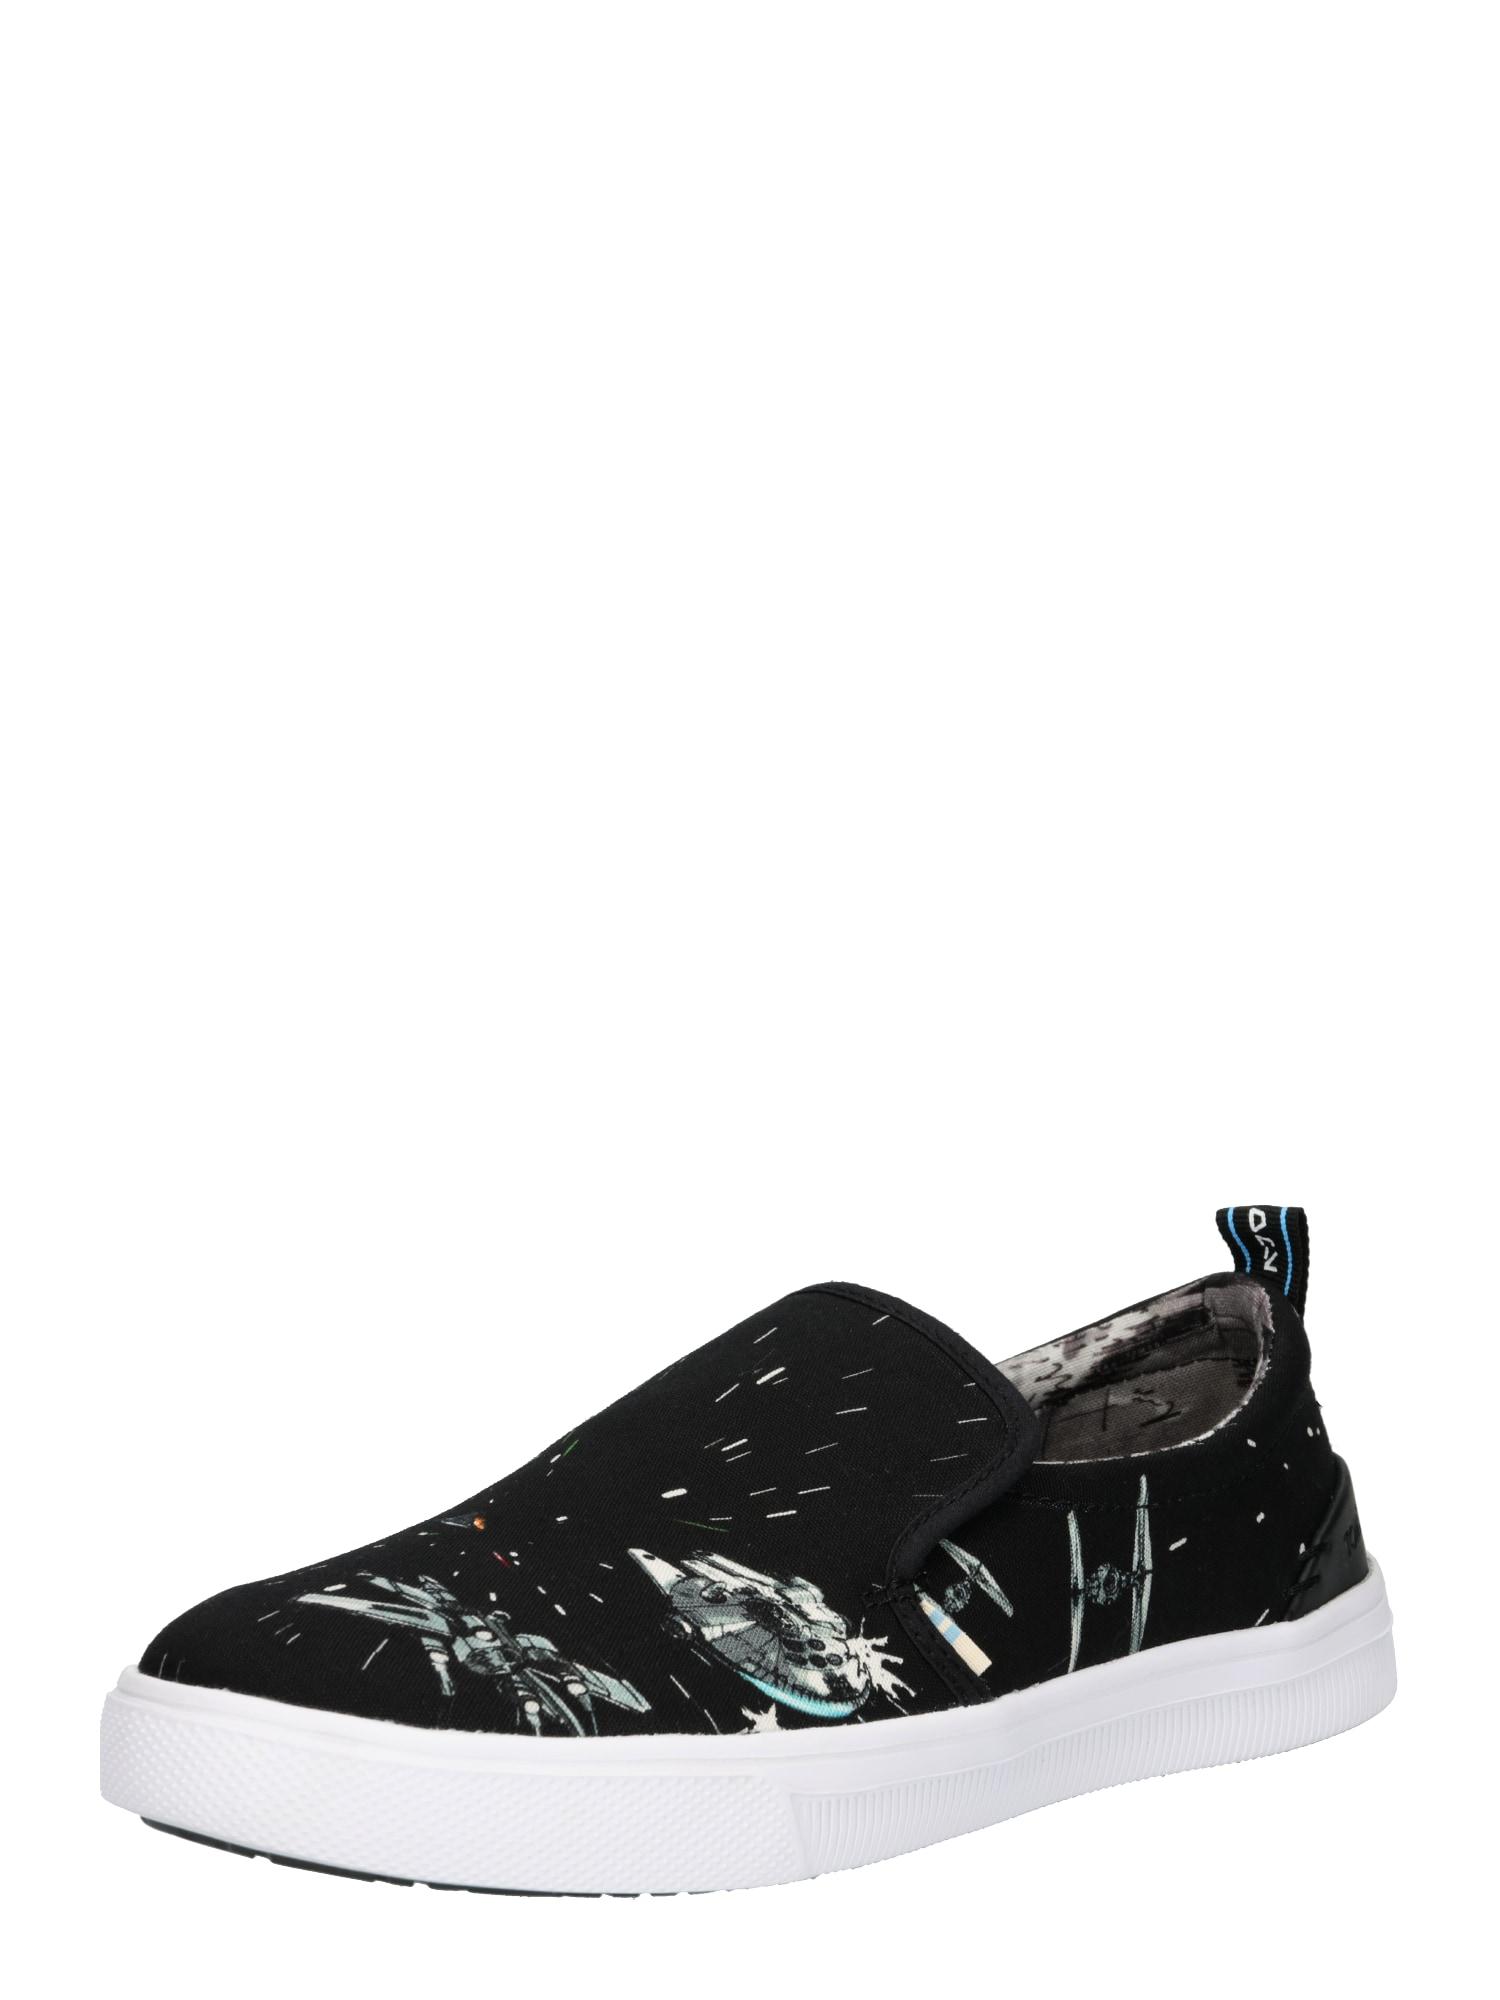 Slip on boty černá bílá TOMS